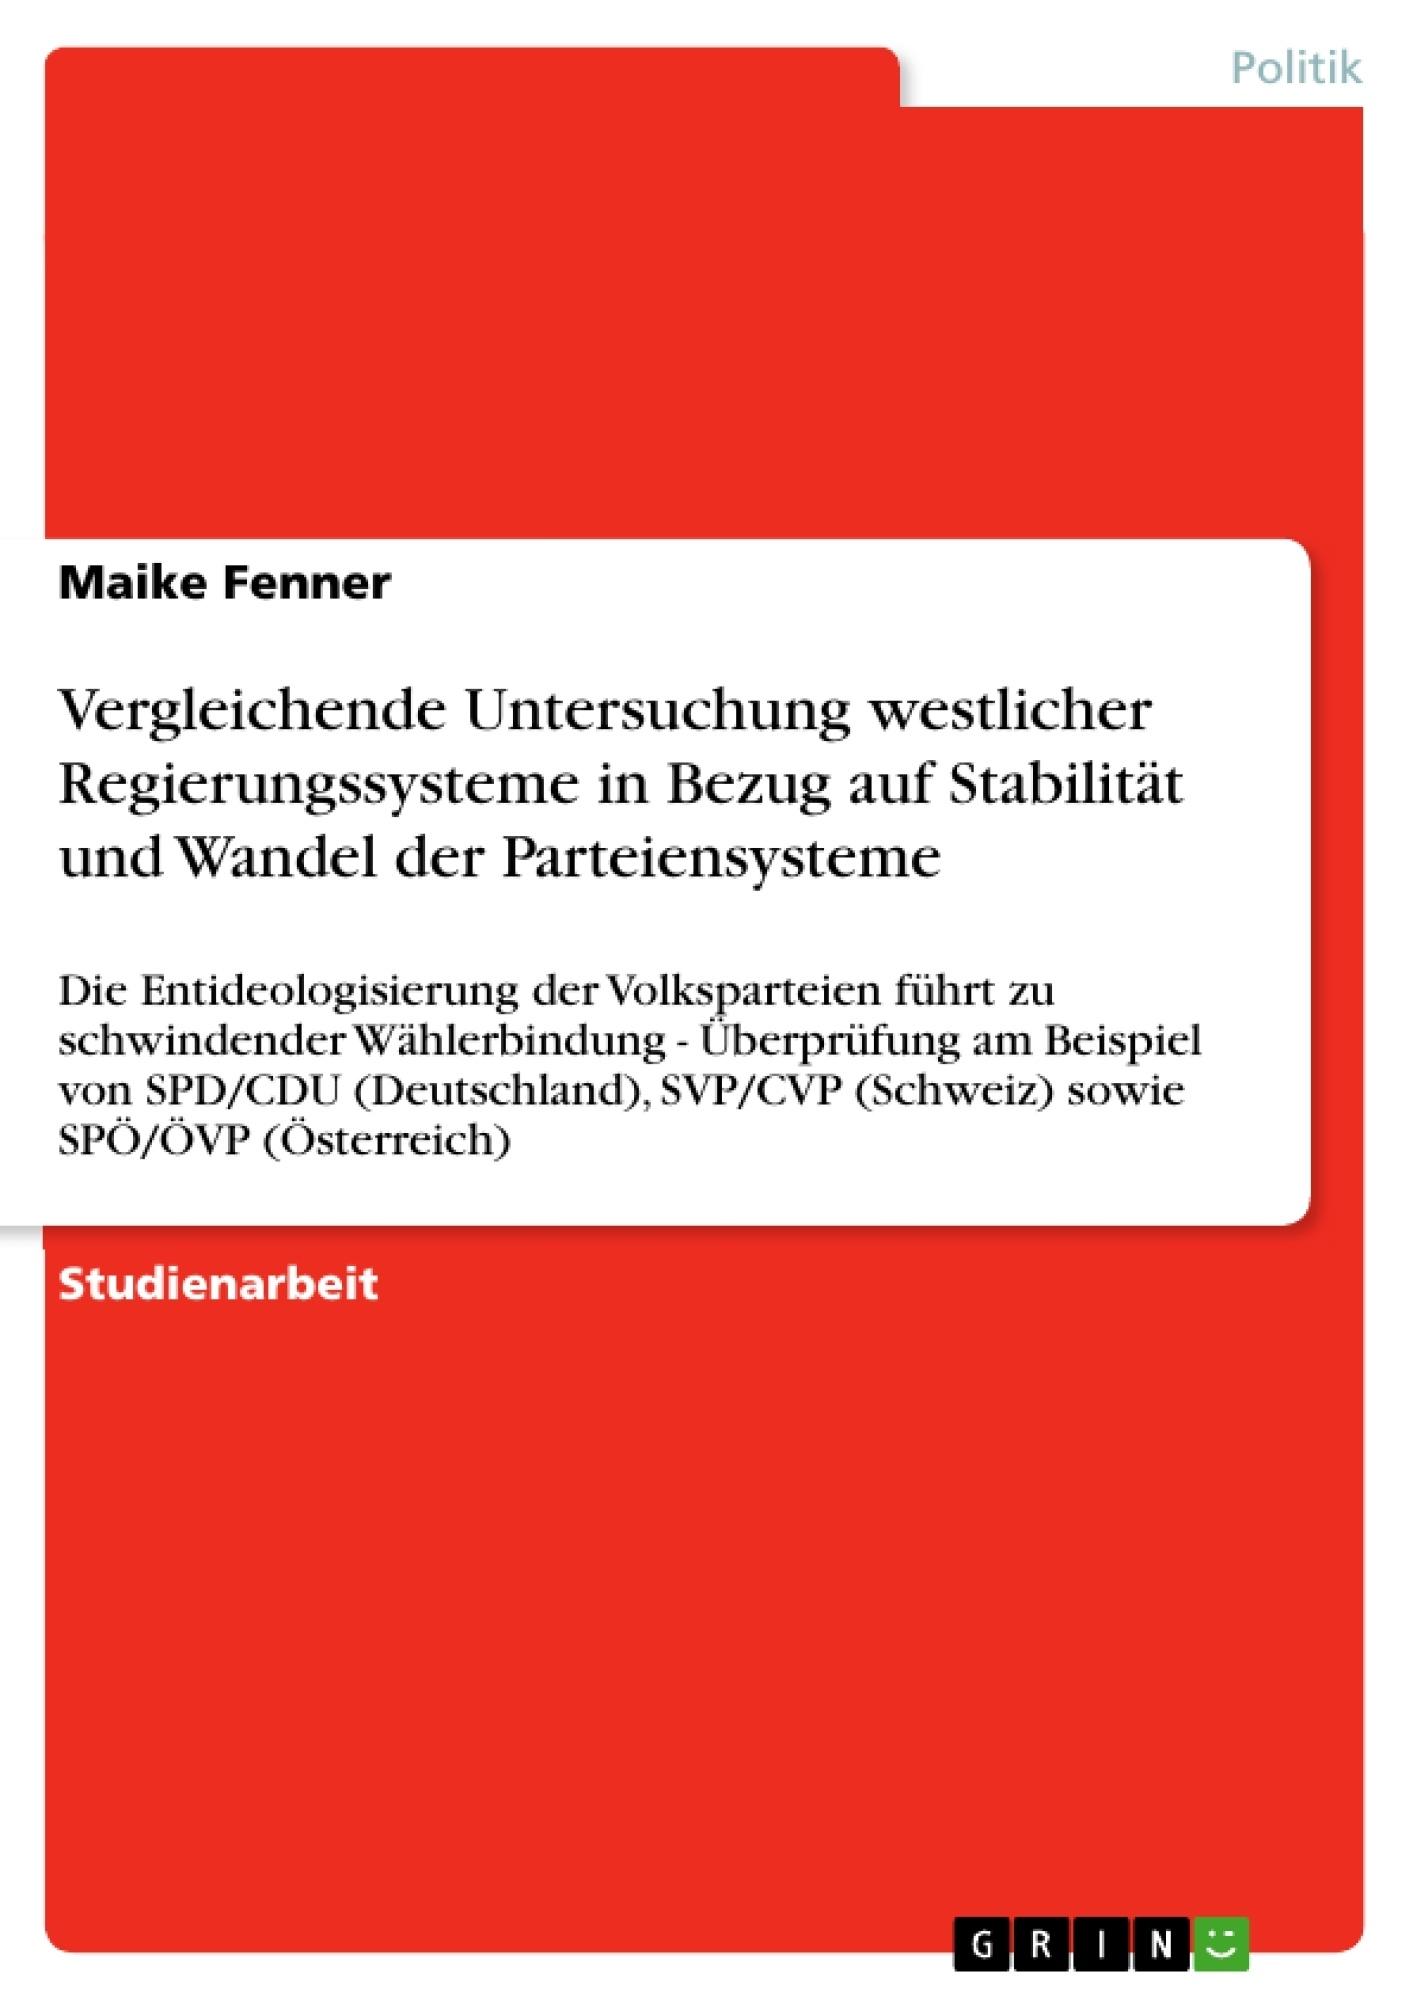 Titel: Vergleichende Untersuchung westlicher Regierungssysteme in Bezug auf Stabilität und Wandel der Parteiensysteme